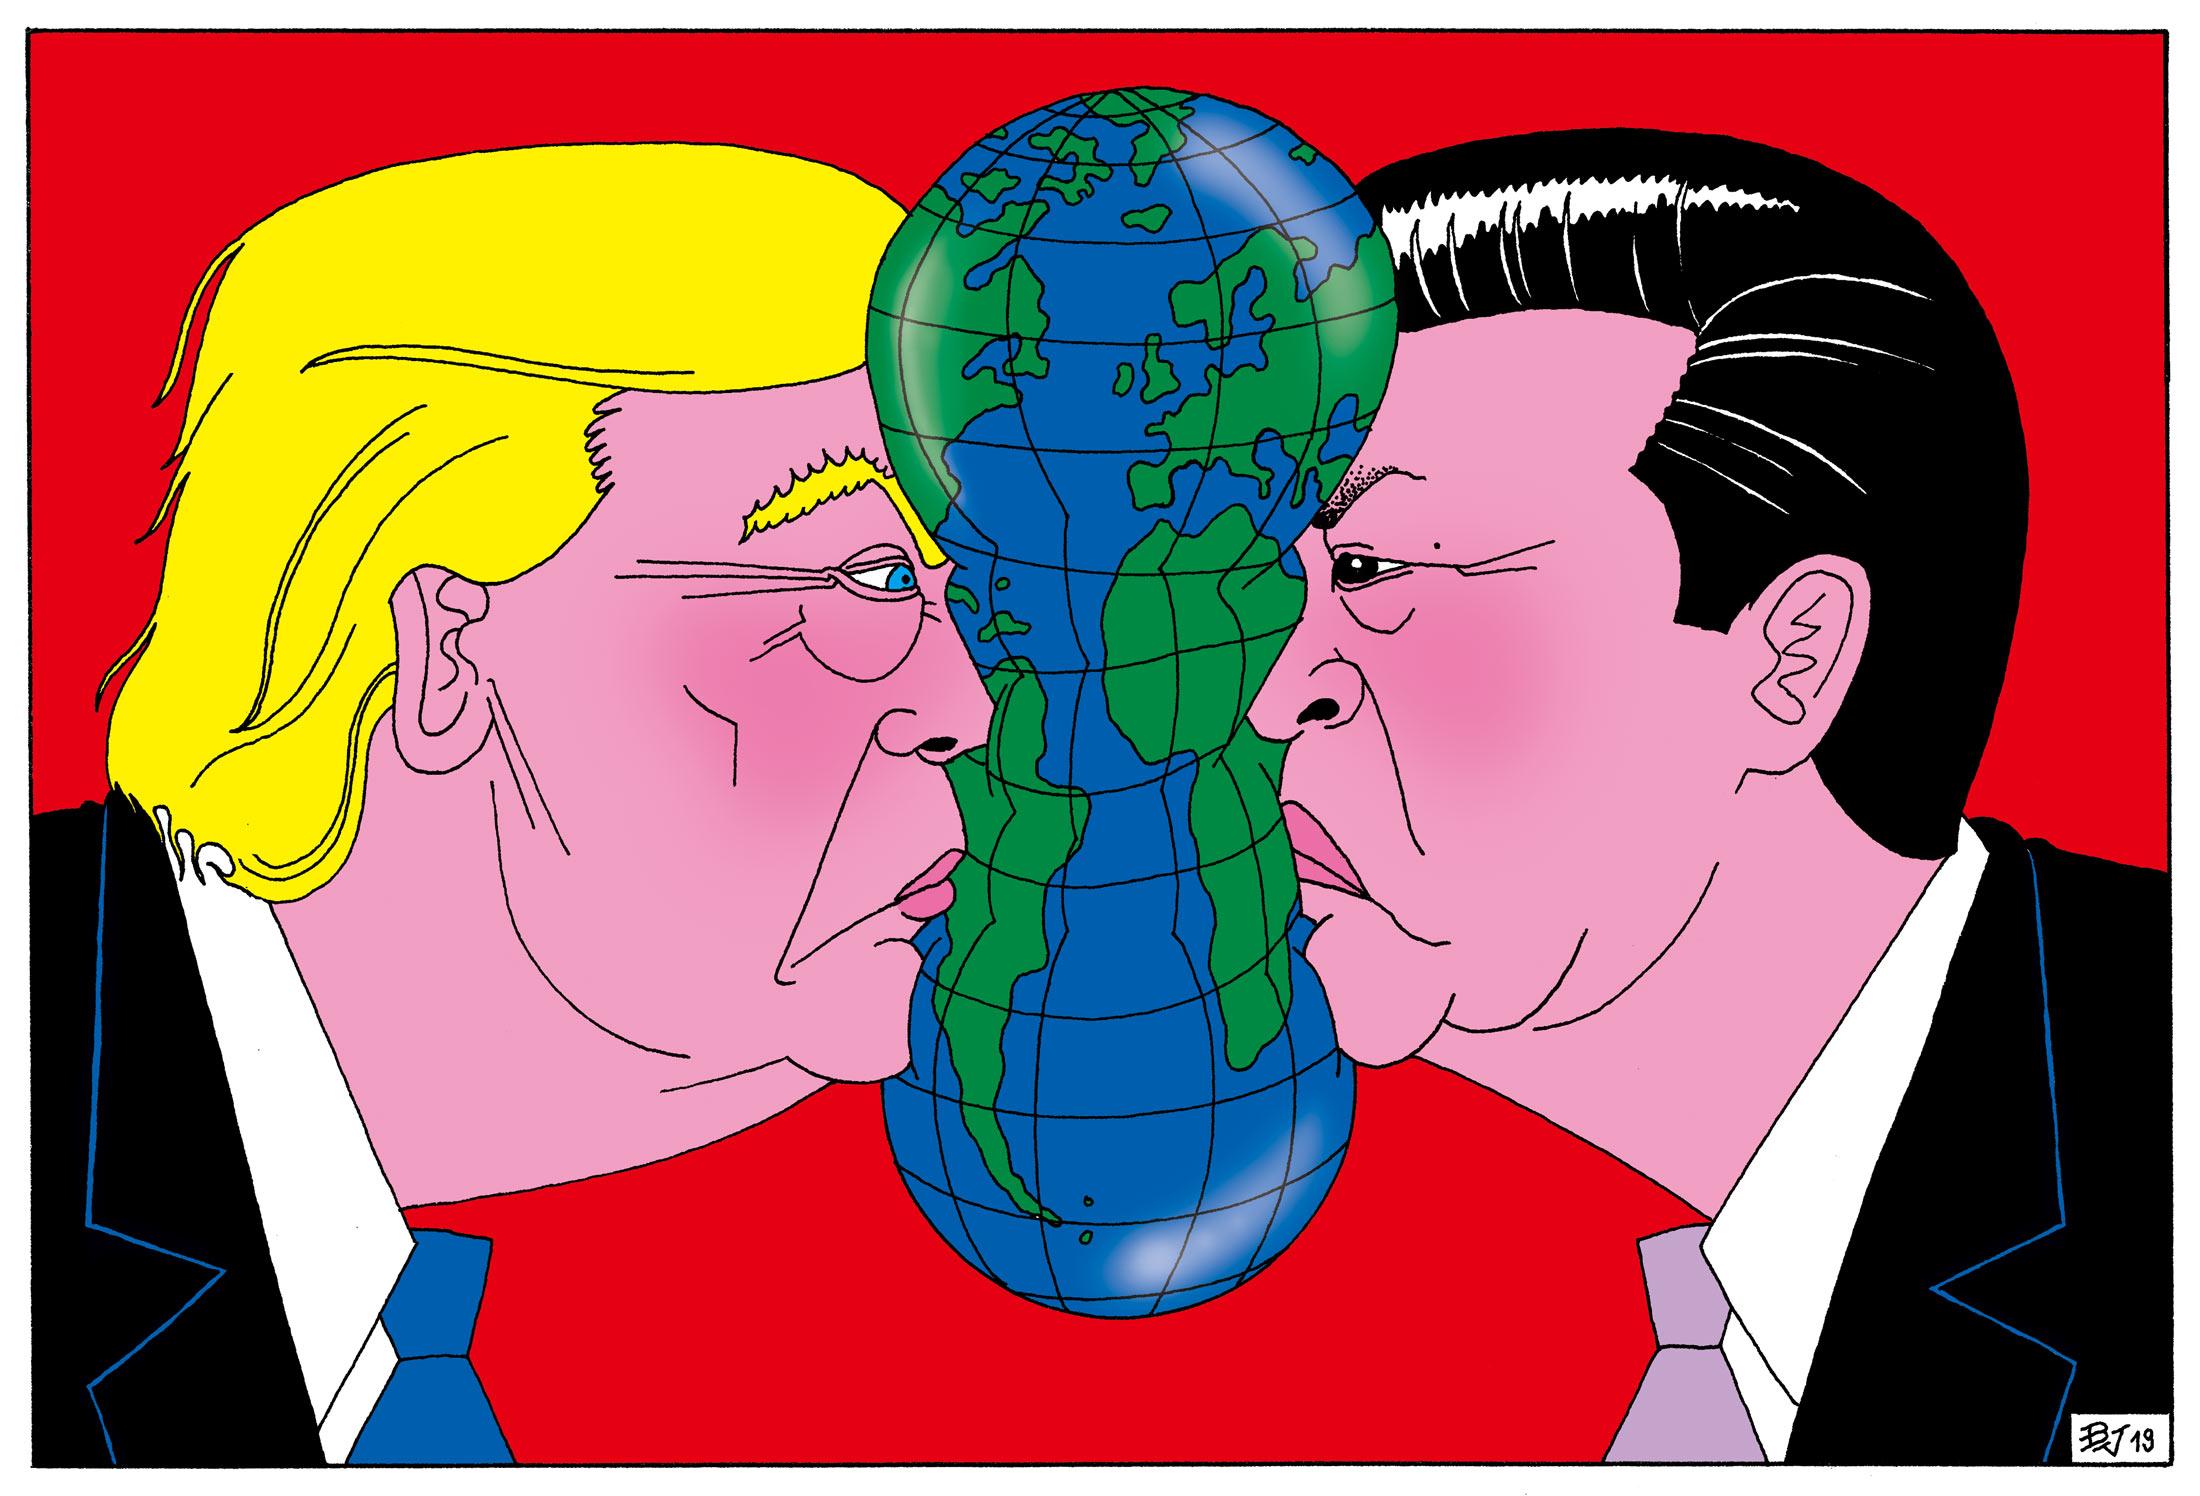 to się konfrontuje między Trumpem a Xi